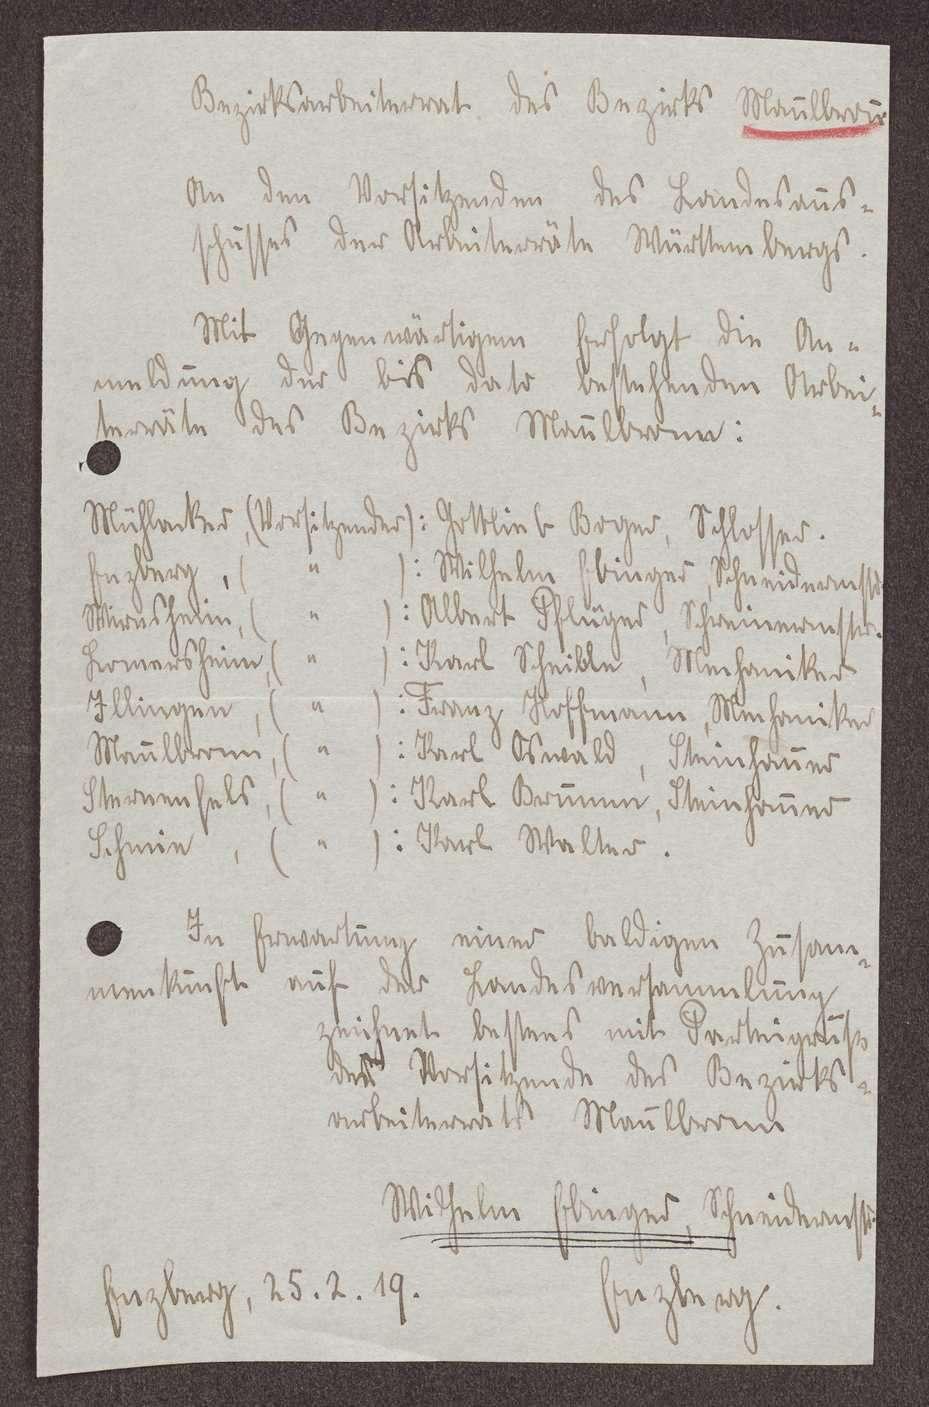 Wahl, Zusammensetzung und Auflösung der Arbeiter- und Bauernräte im Oberamt Maulbronn, Bild 1